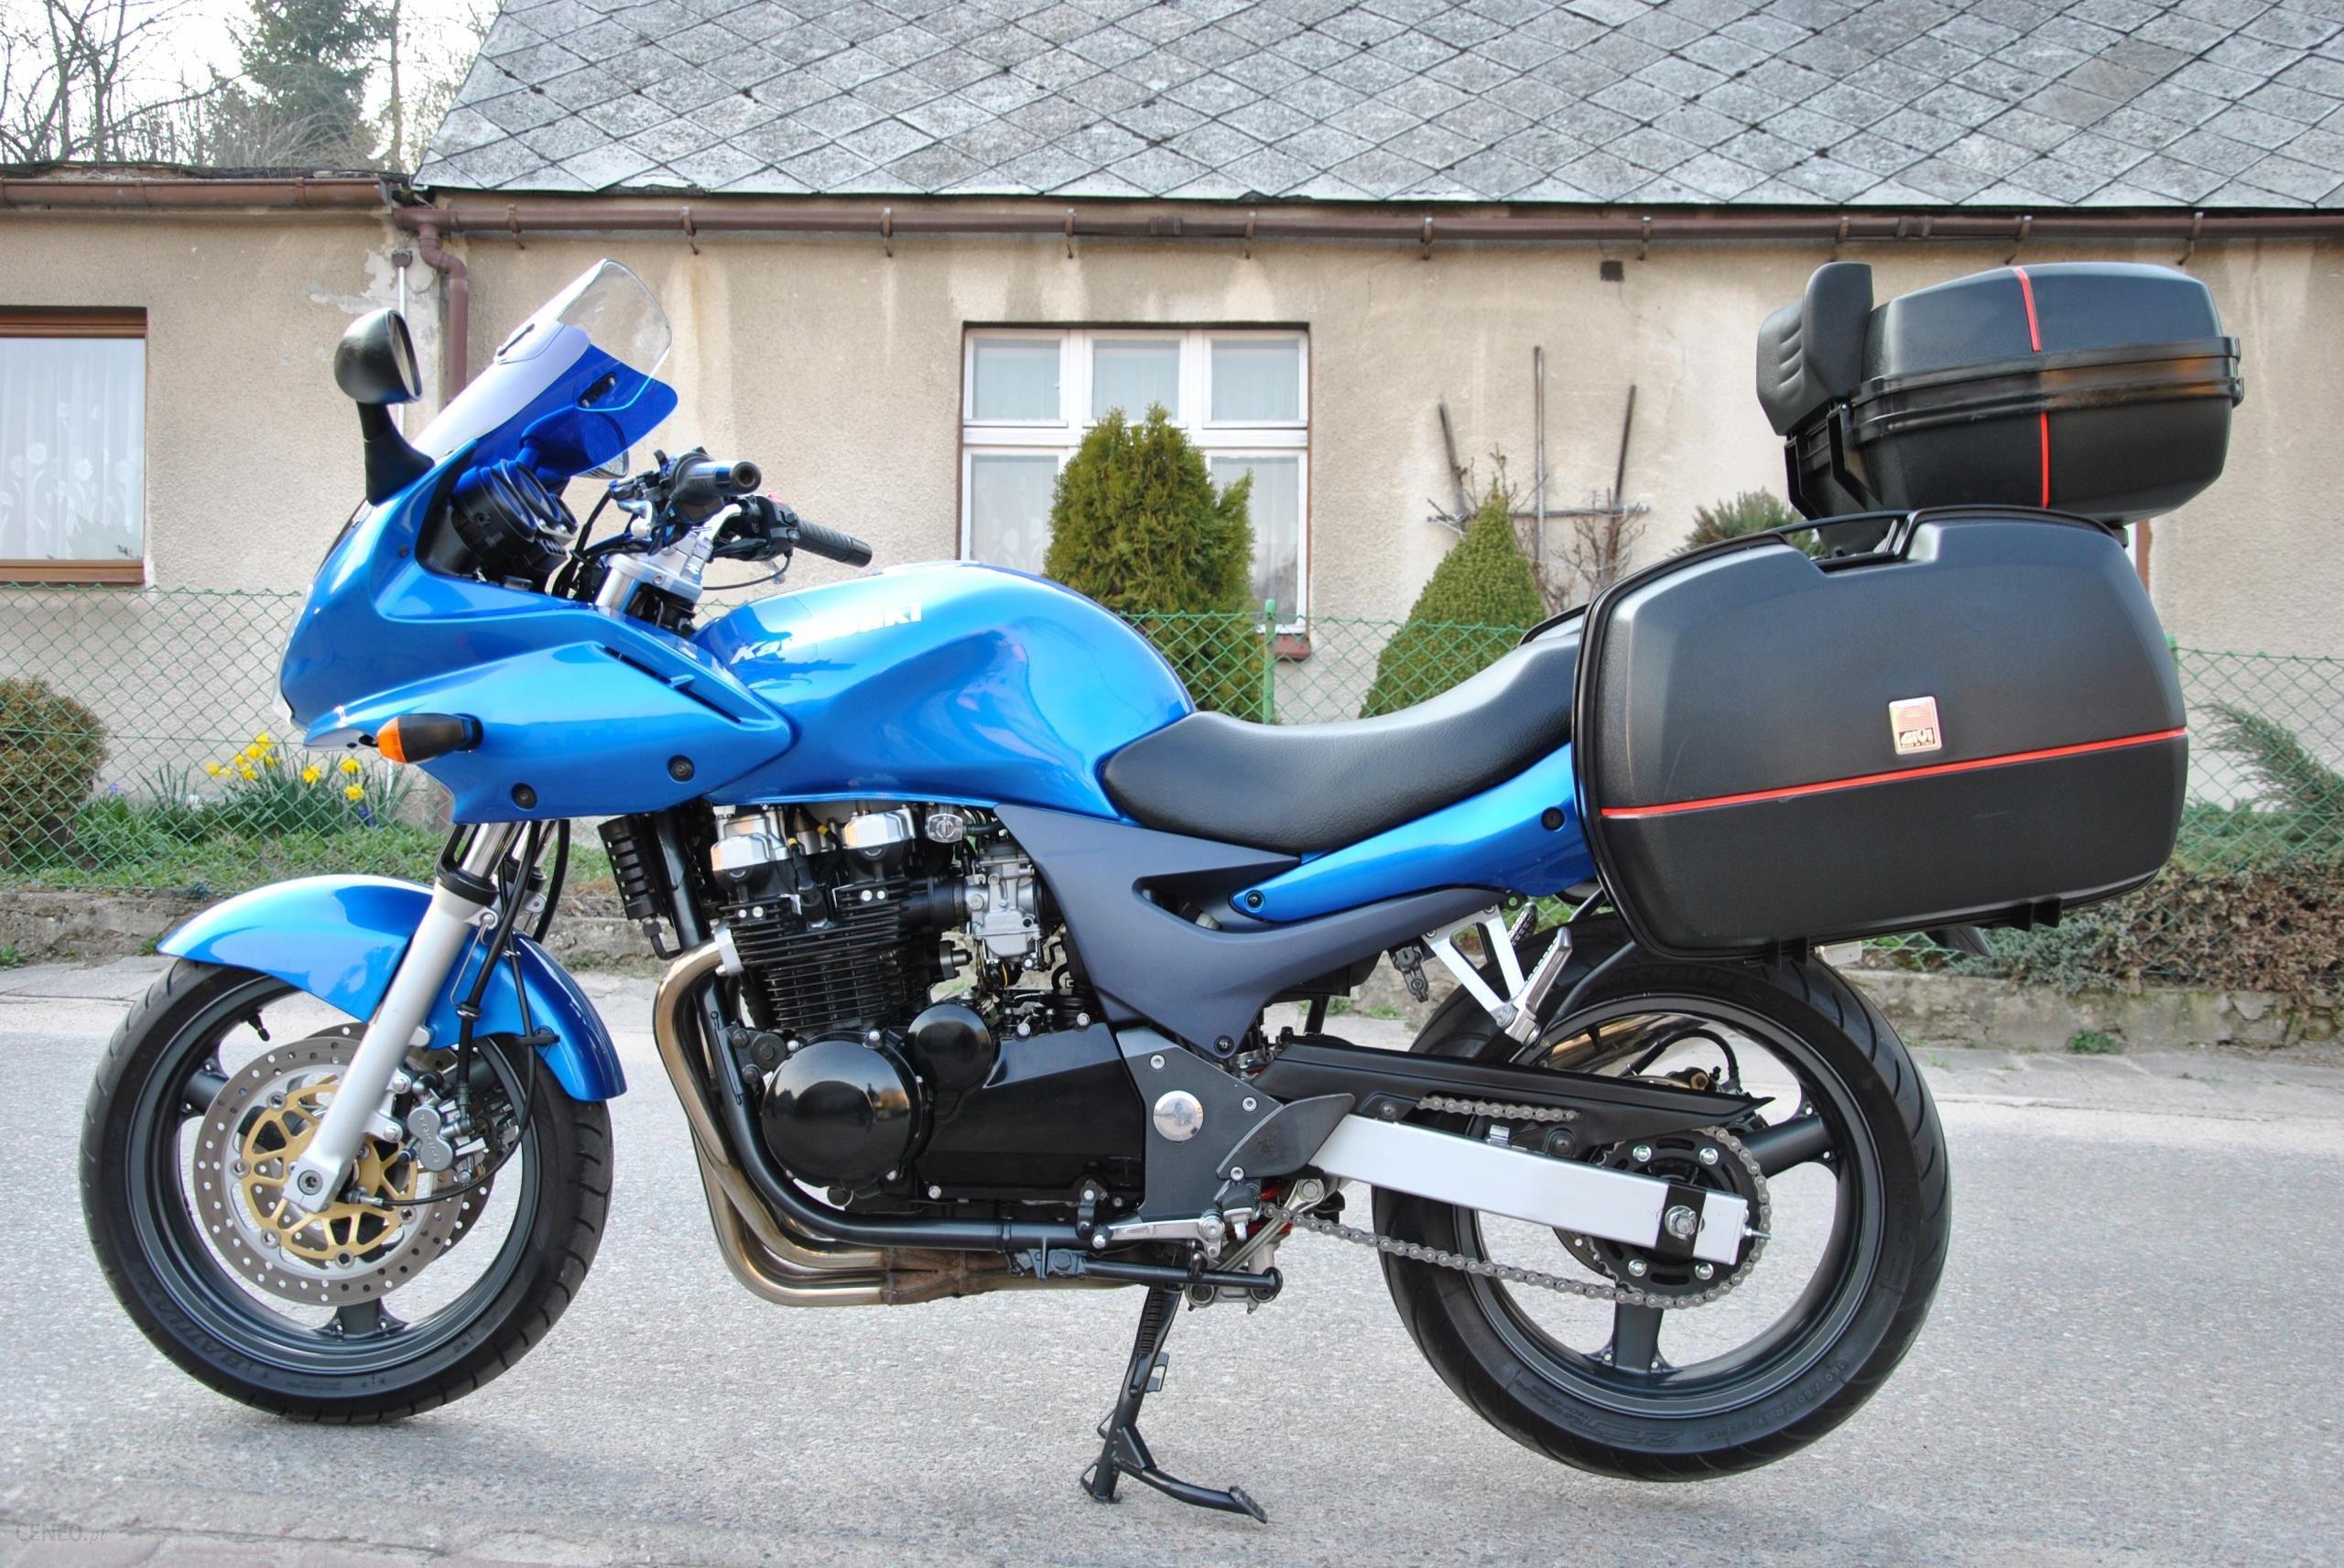 Kawasaki Zr 7 Zr 750 04r Niemcy Sprowadzony Opinie I Ceny Na Ceneopl